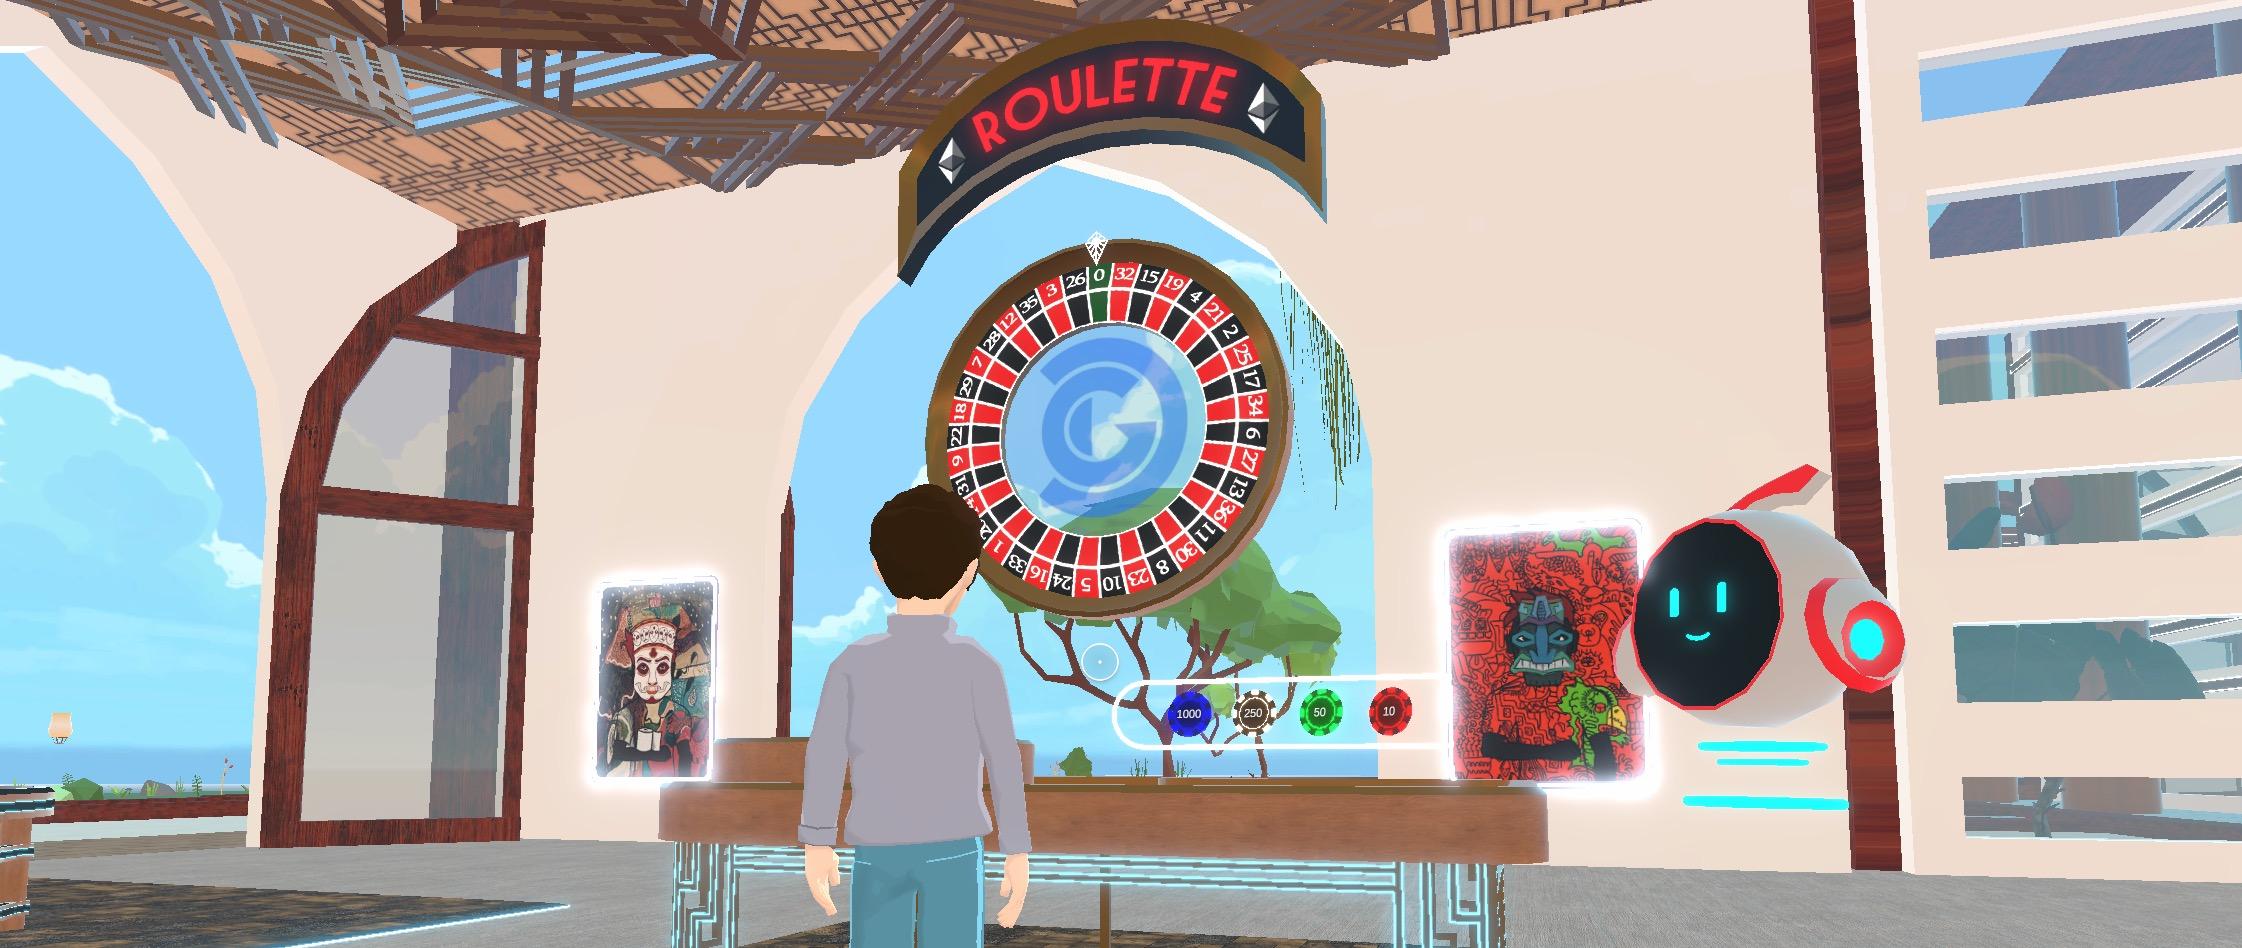 Decentraland Roulette – Is It Fair? - Decentralandalytics